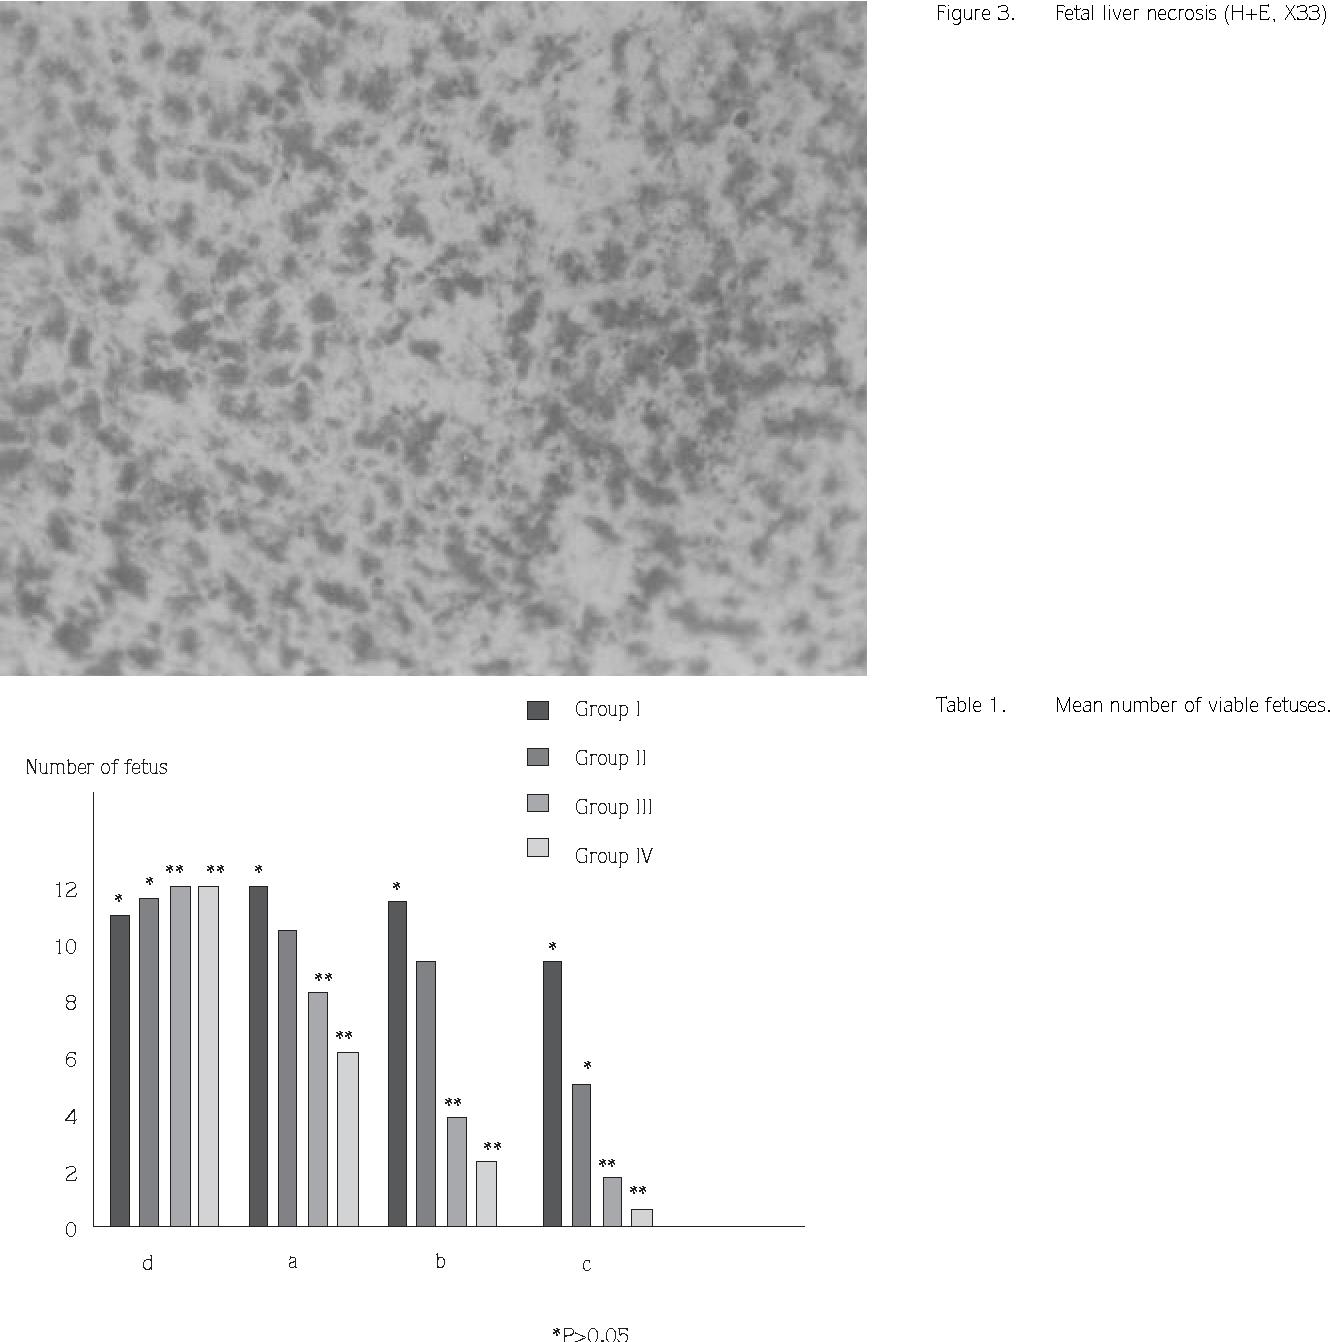 Figure 3. Fetal liver necrosis (H+E, X33)